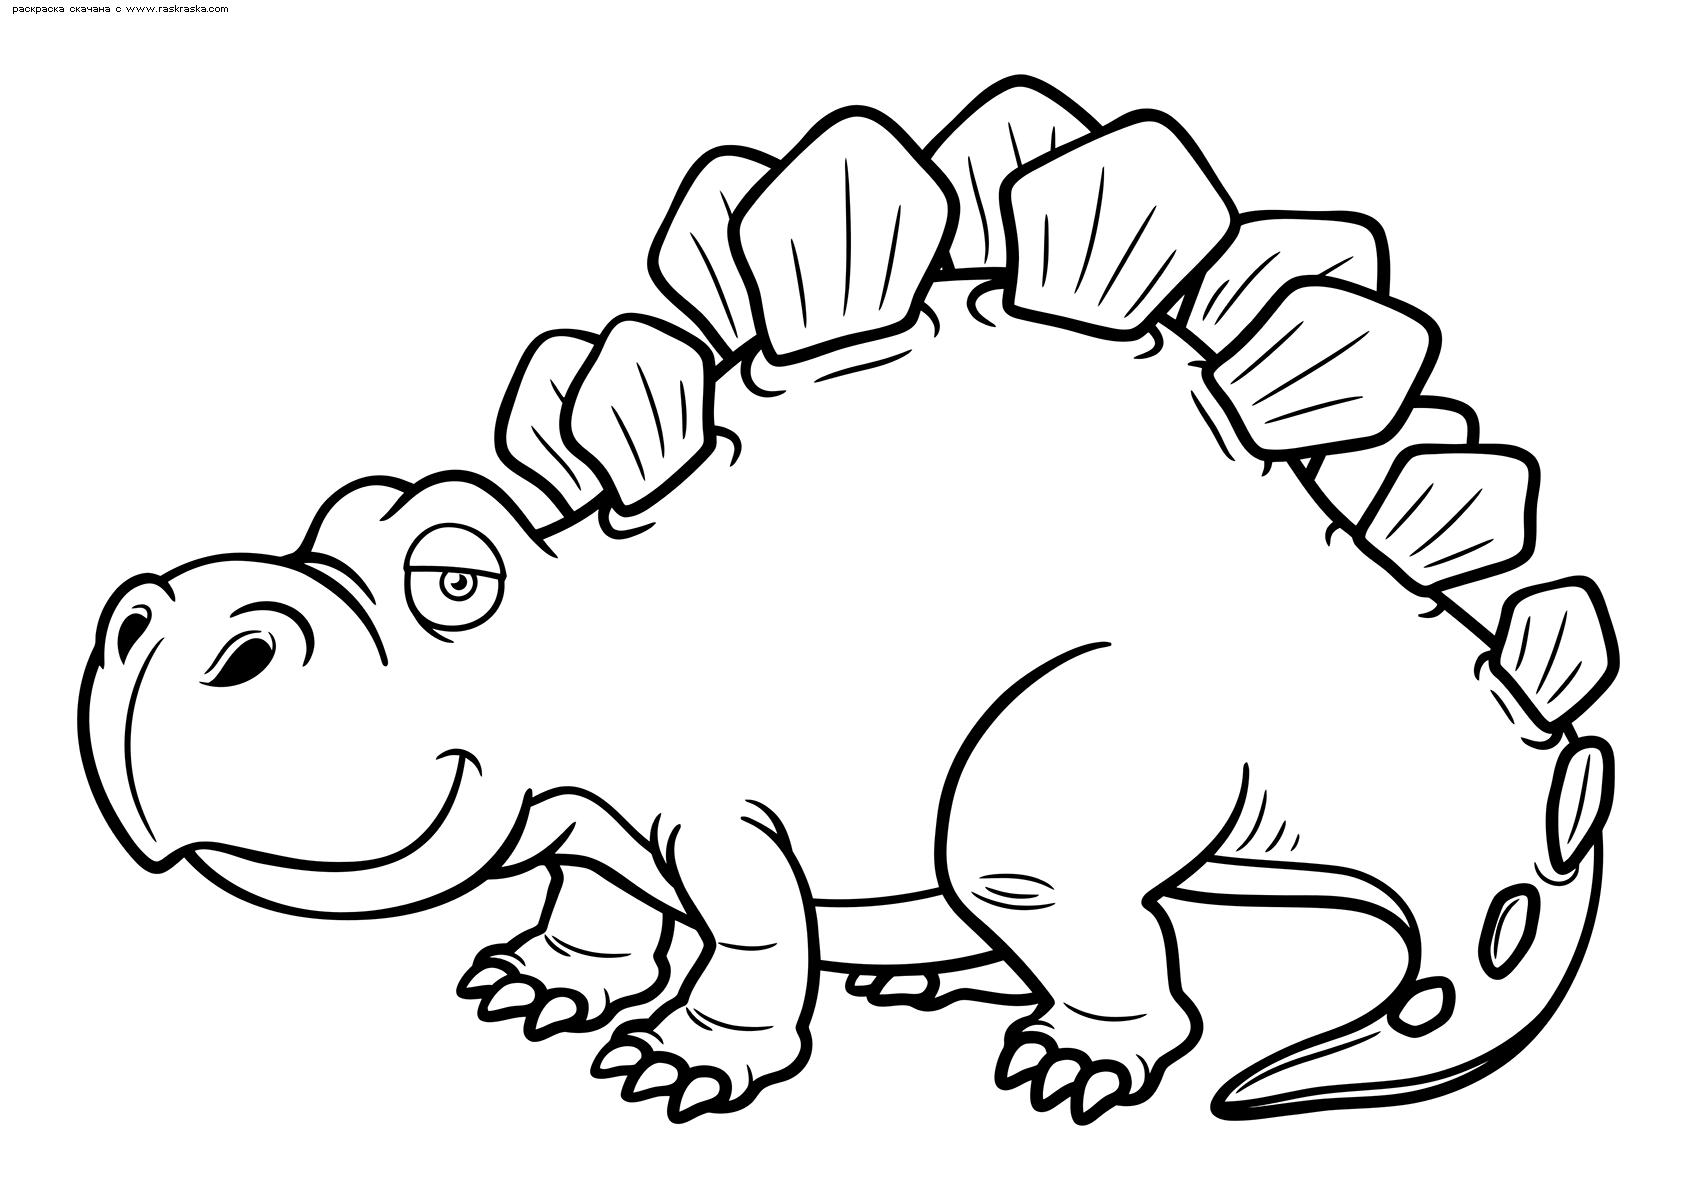 Раскраска Взрослый стегозавр. Раскраска динозавр